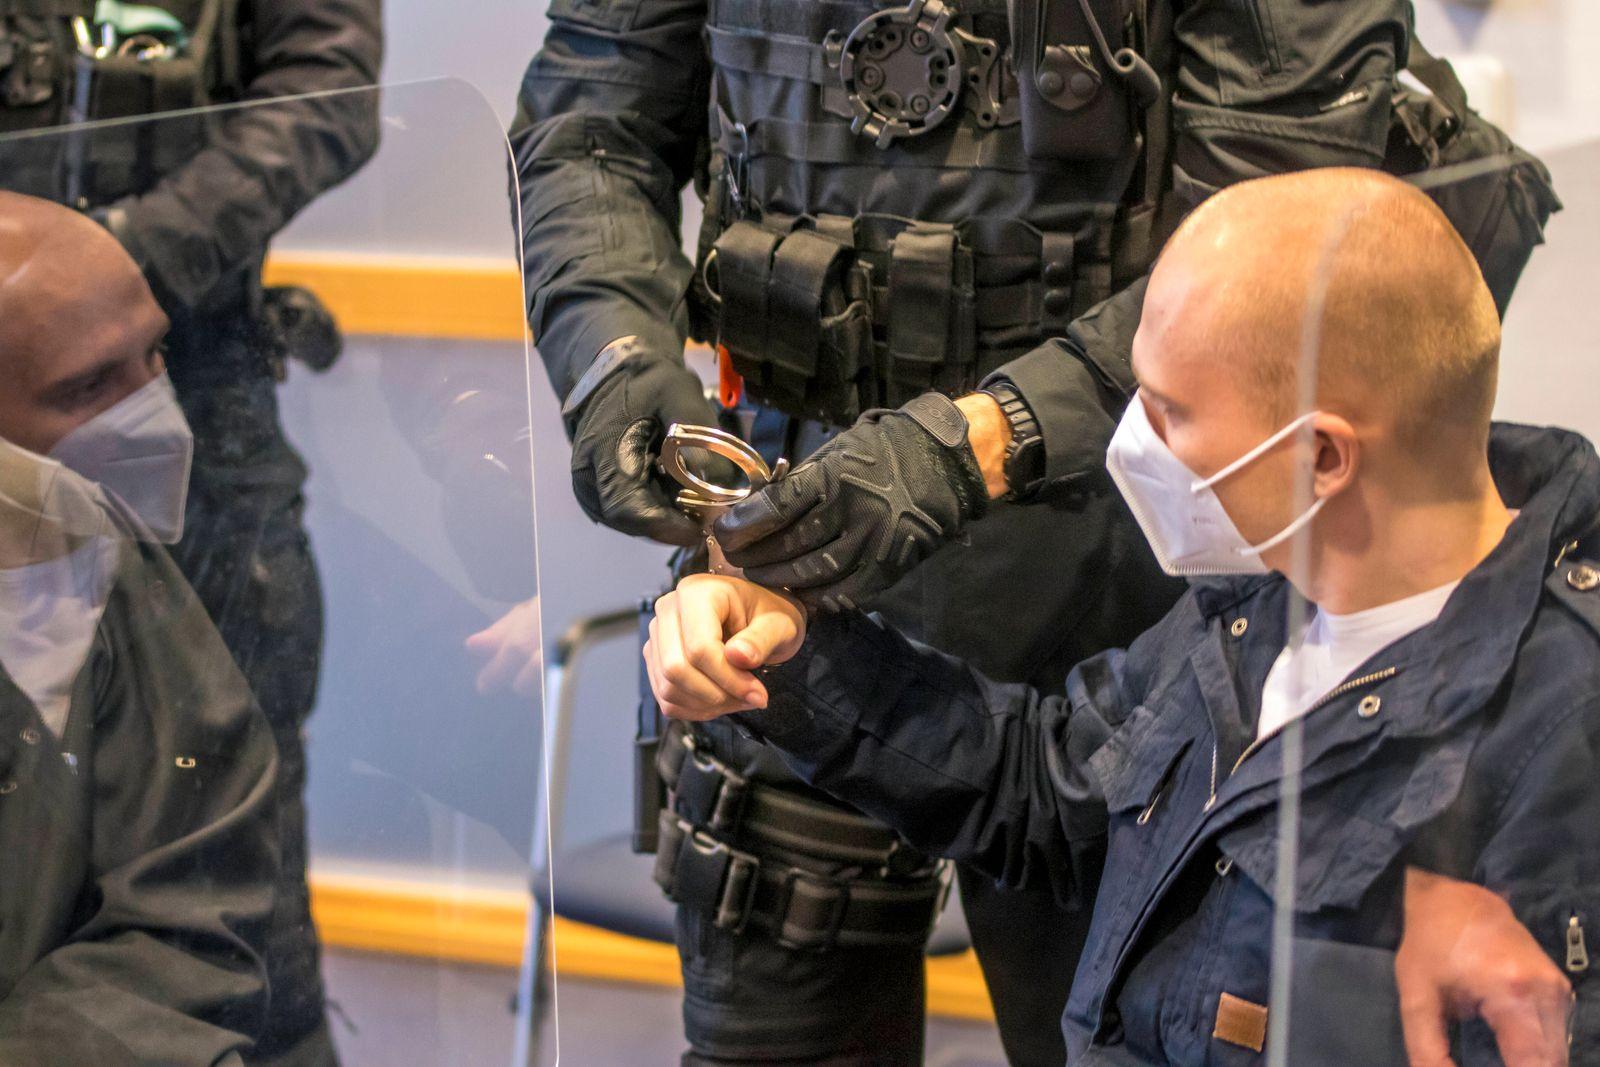 25. Prozesstag in Magdeburg. Das Oberlandesgericht Sachsen-Anhalt mit Sitz in Naumburg, verhandelt im Landgericht Magde